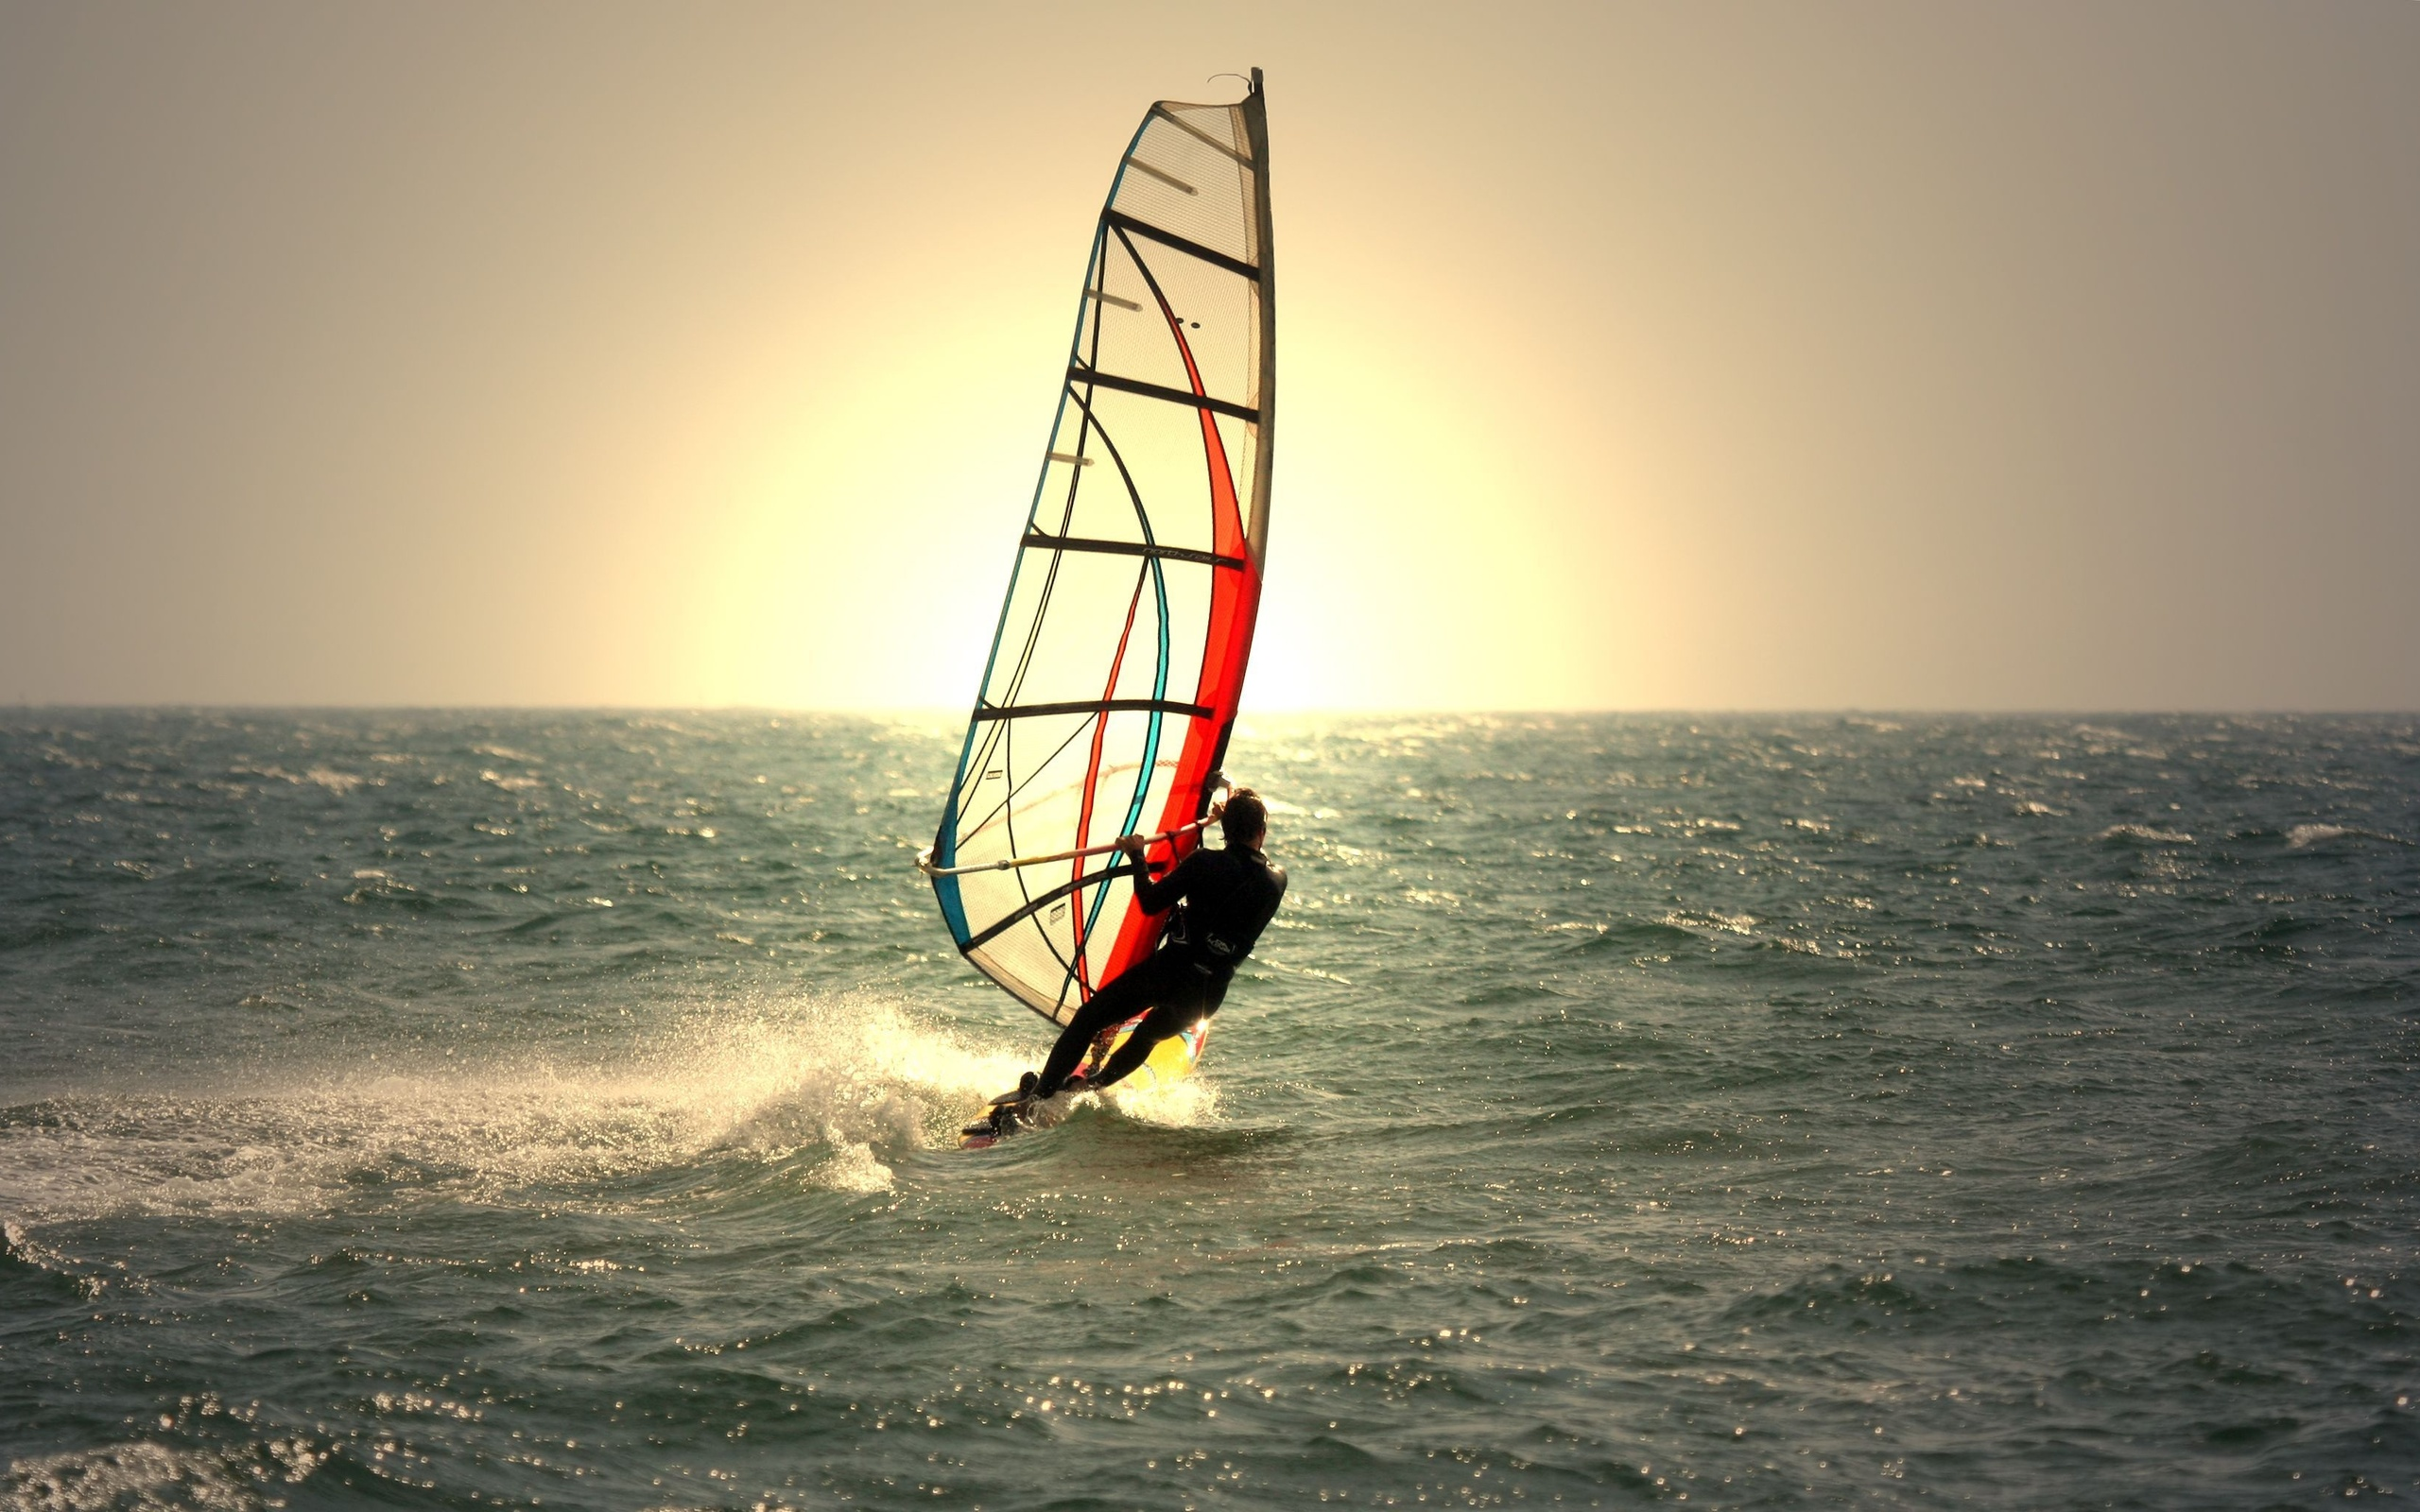 Windsurfing Wallpapers Wallpaper